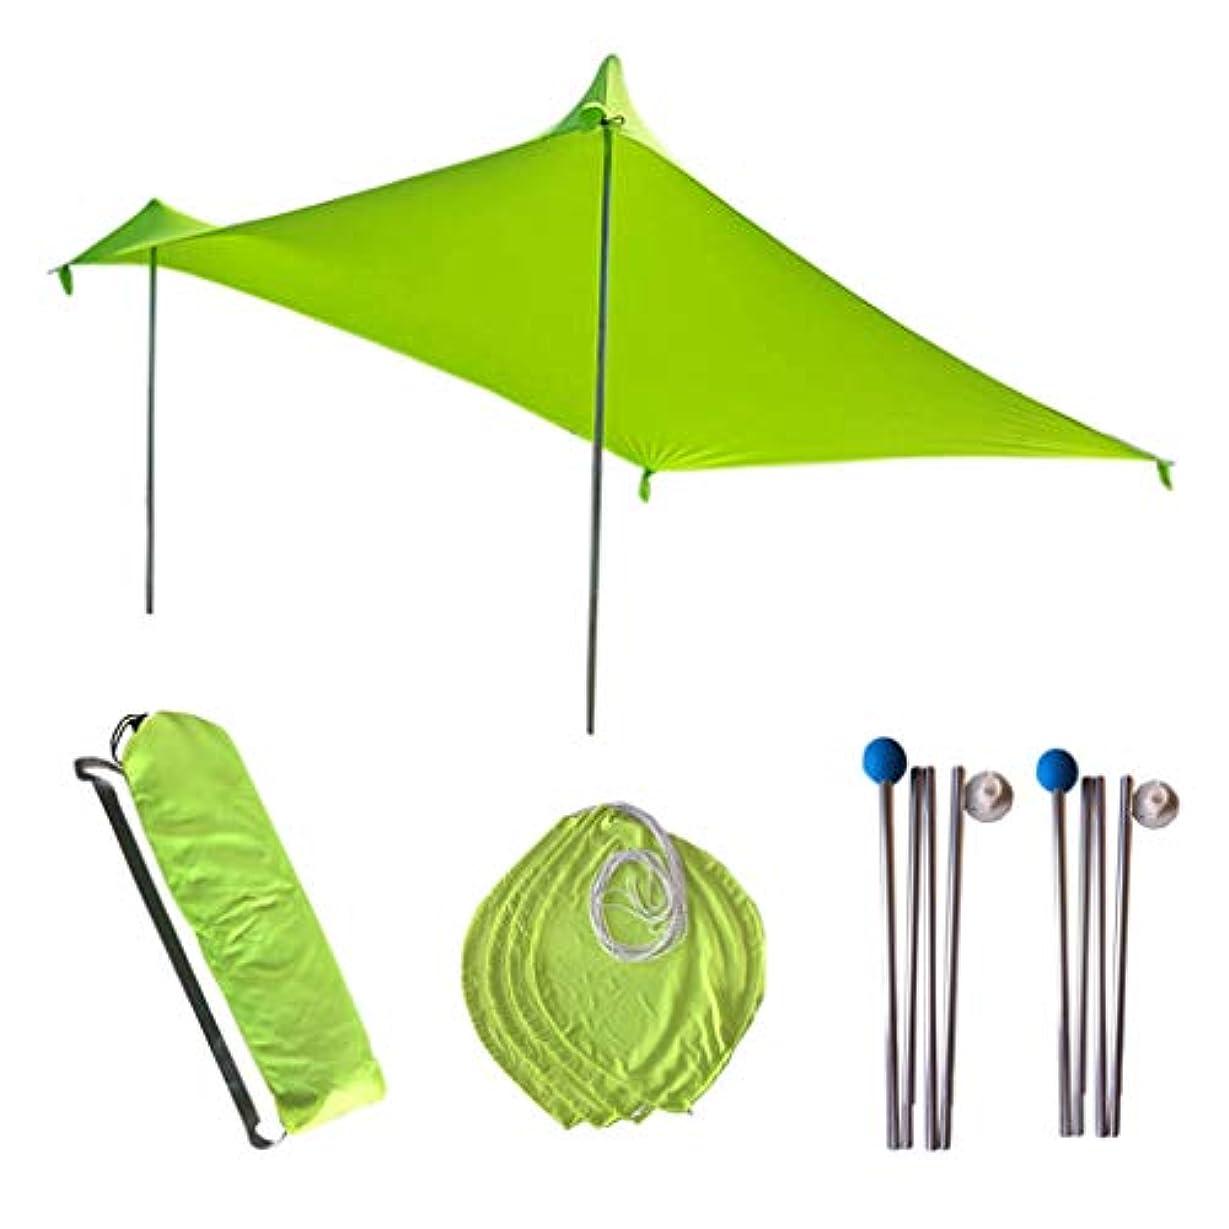 素晴らしいです感嘆符騒乱SM SunniMix テント タープ ウイング 用 ポール 防水シート 防錆鉄棒 サンドバッグアンカー付き 全3色